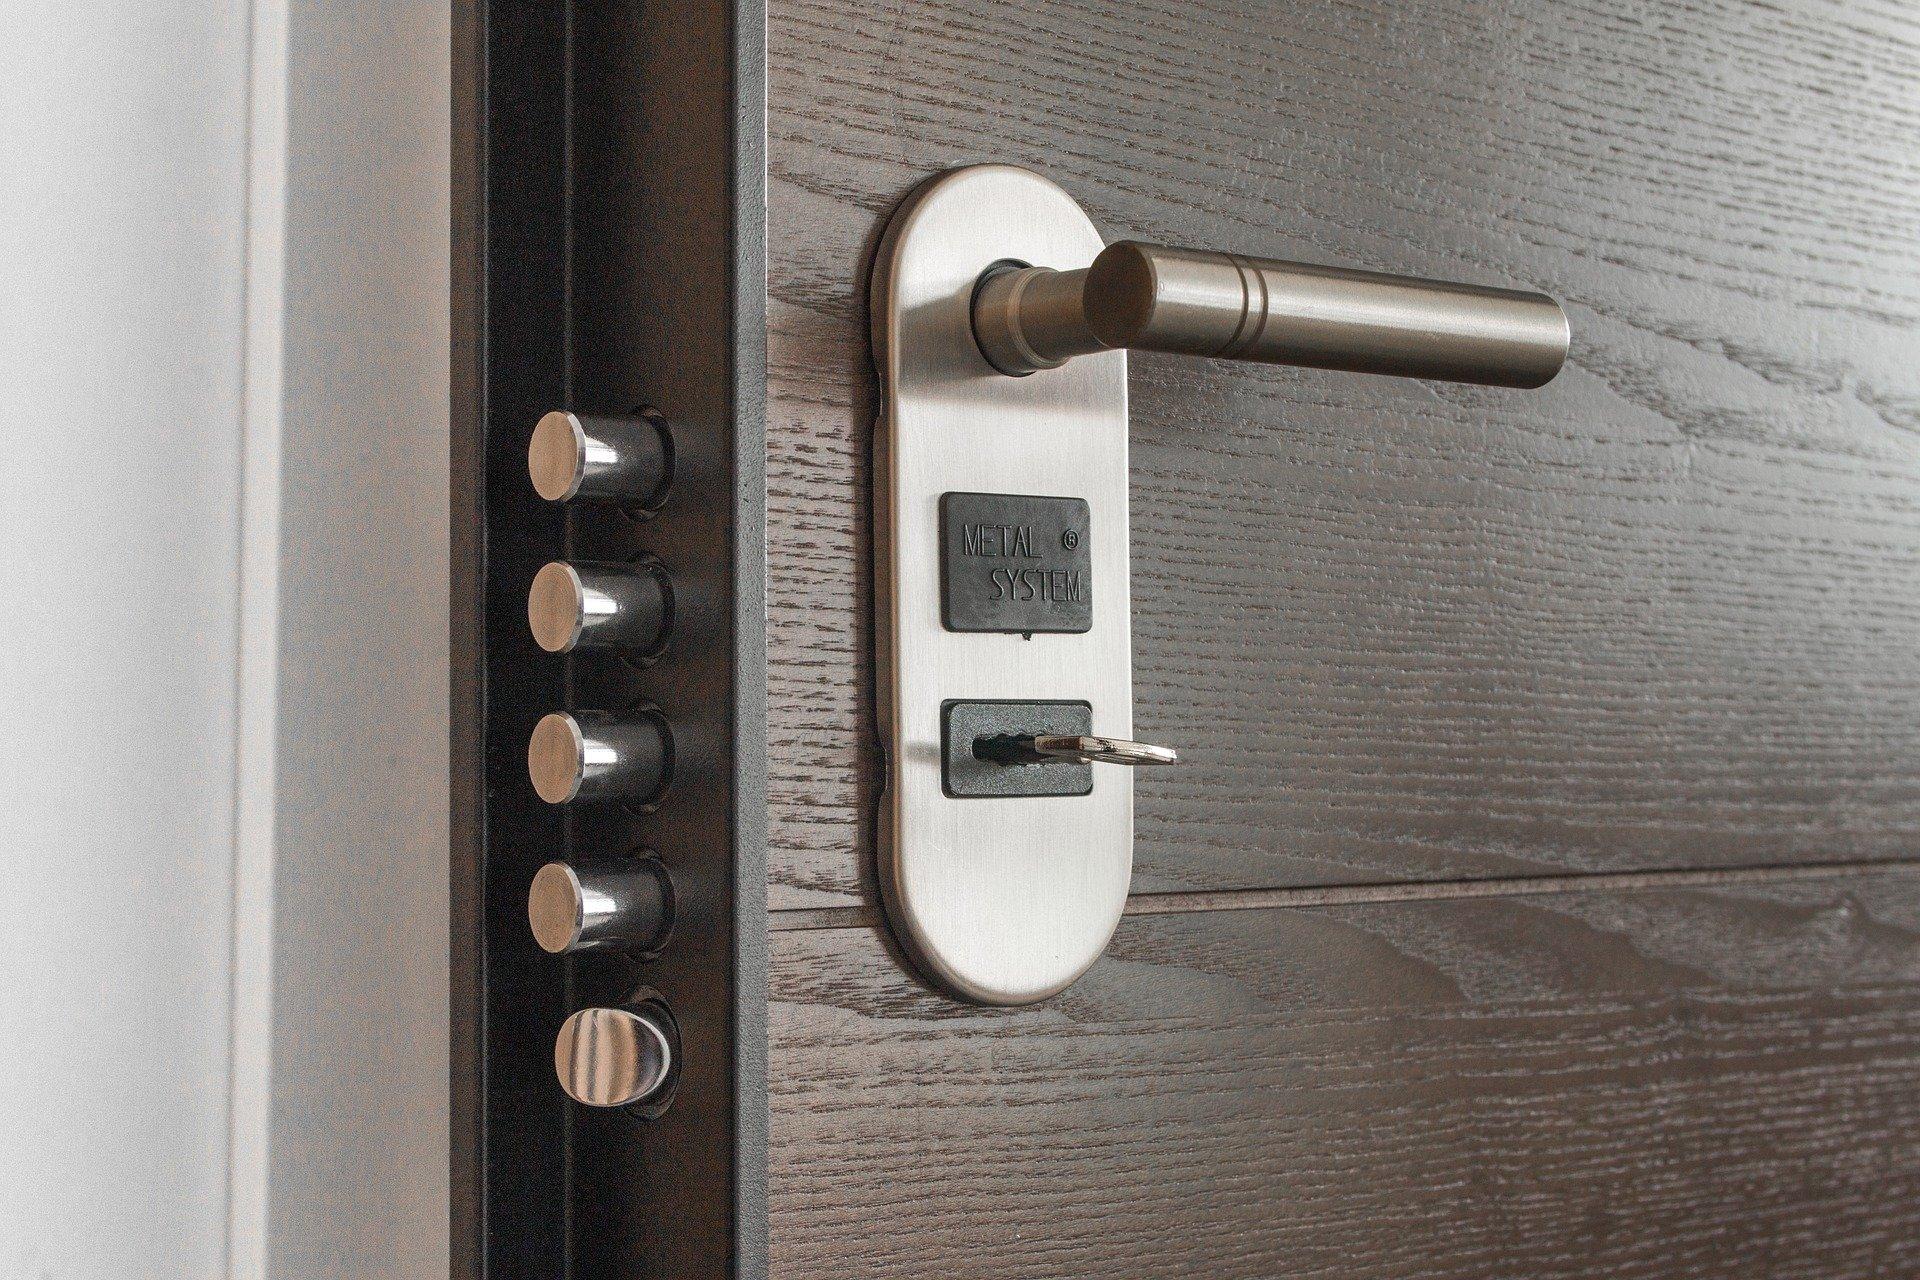 Furti in appartamento: la Polizia invita a segnalare la presenza di colla sulla serratura